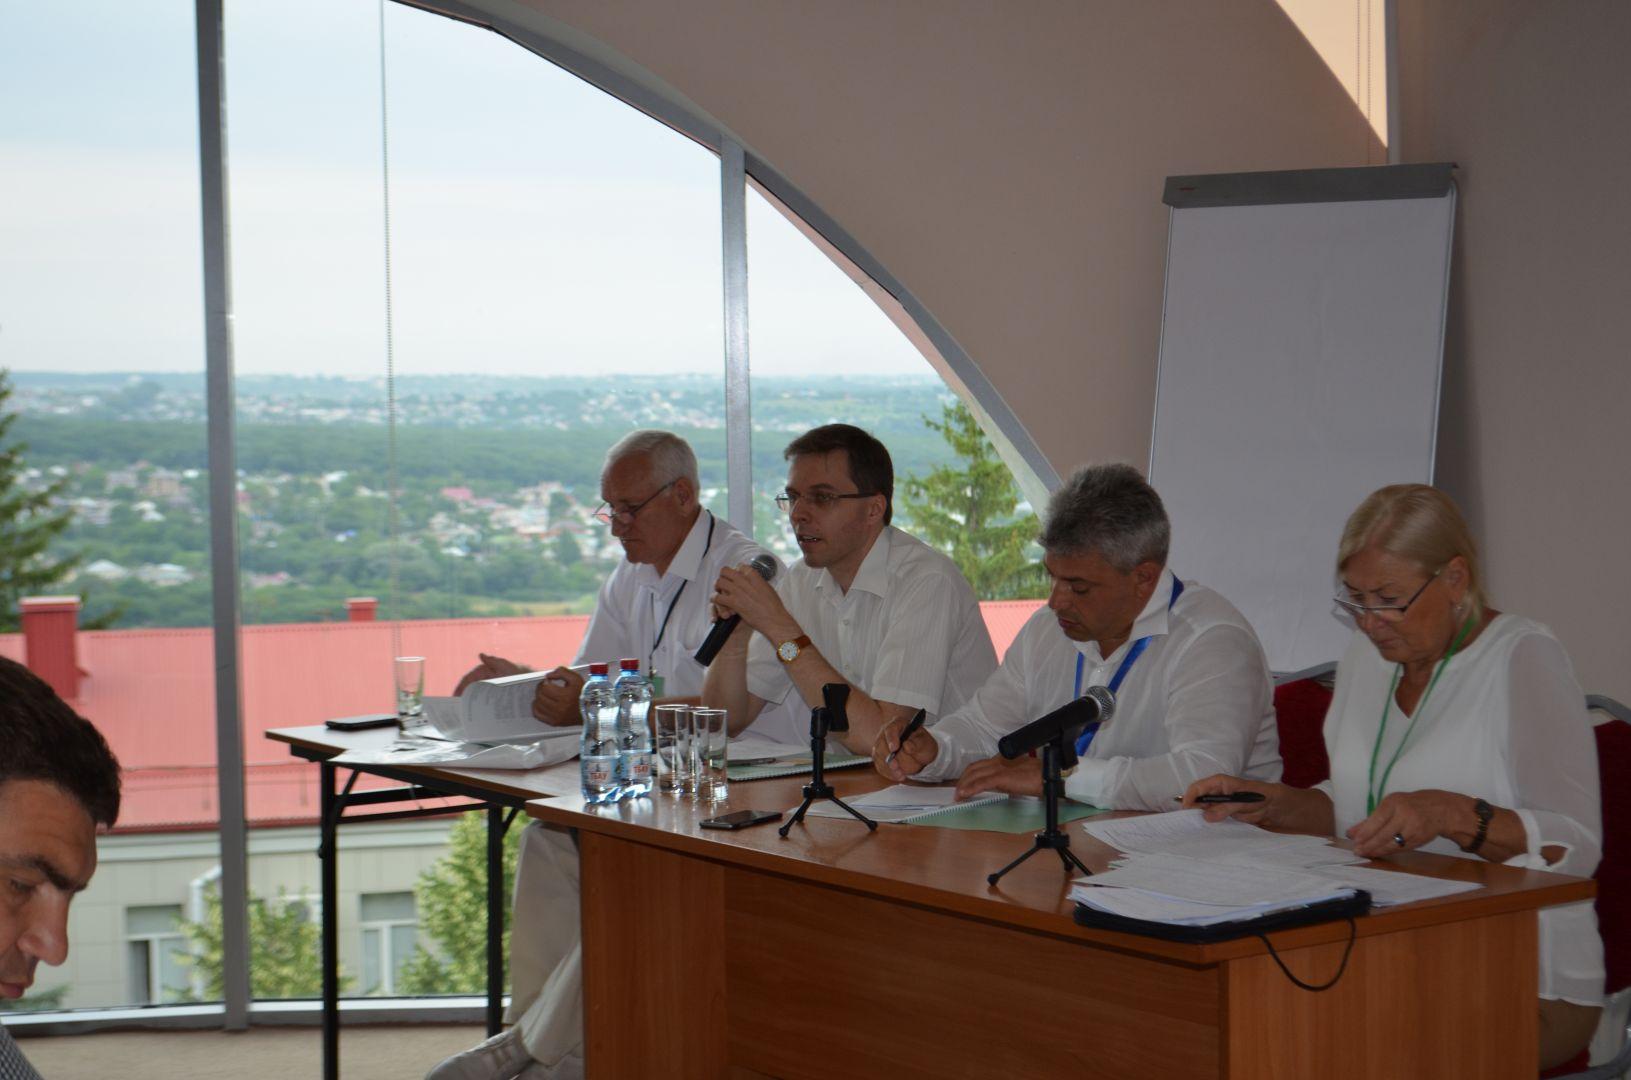 В Ставрополь на летнюю конференцию по пушному звероводству приехали специалисты из Дании и Финляндии